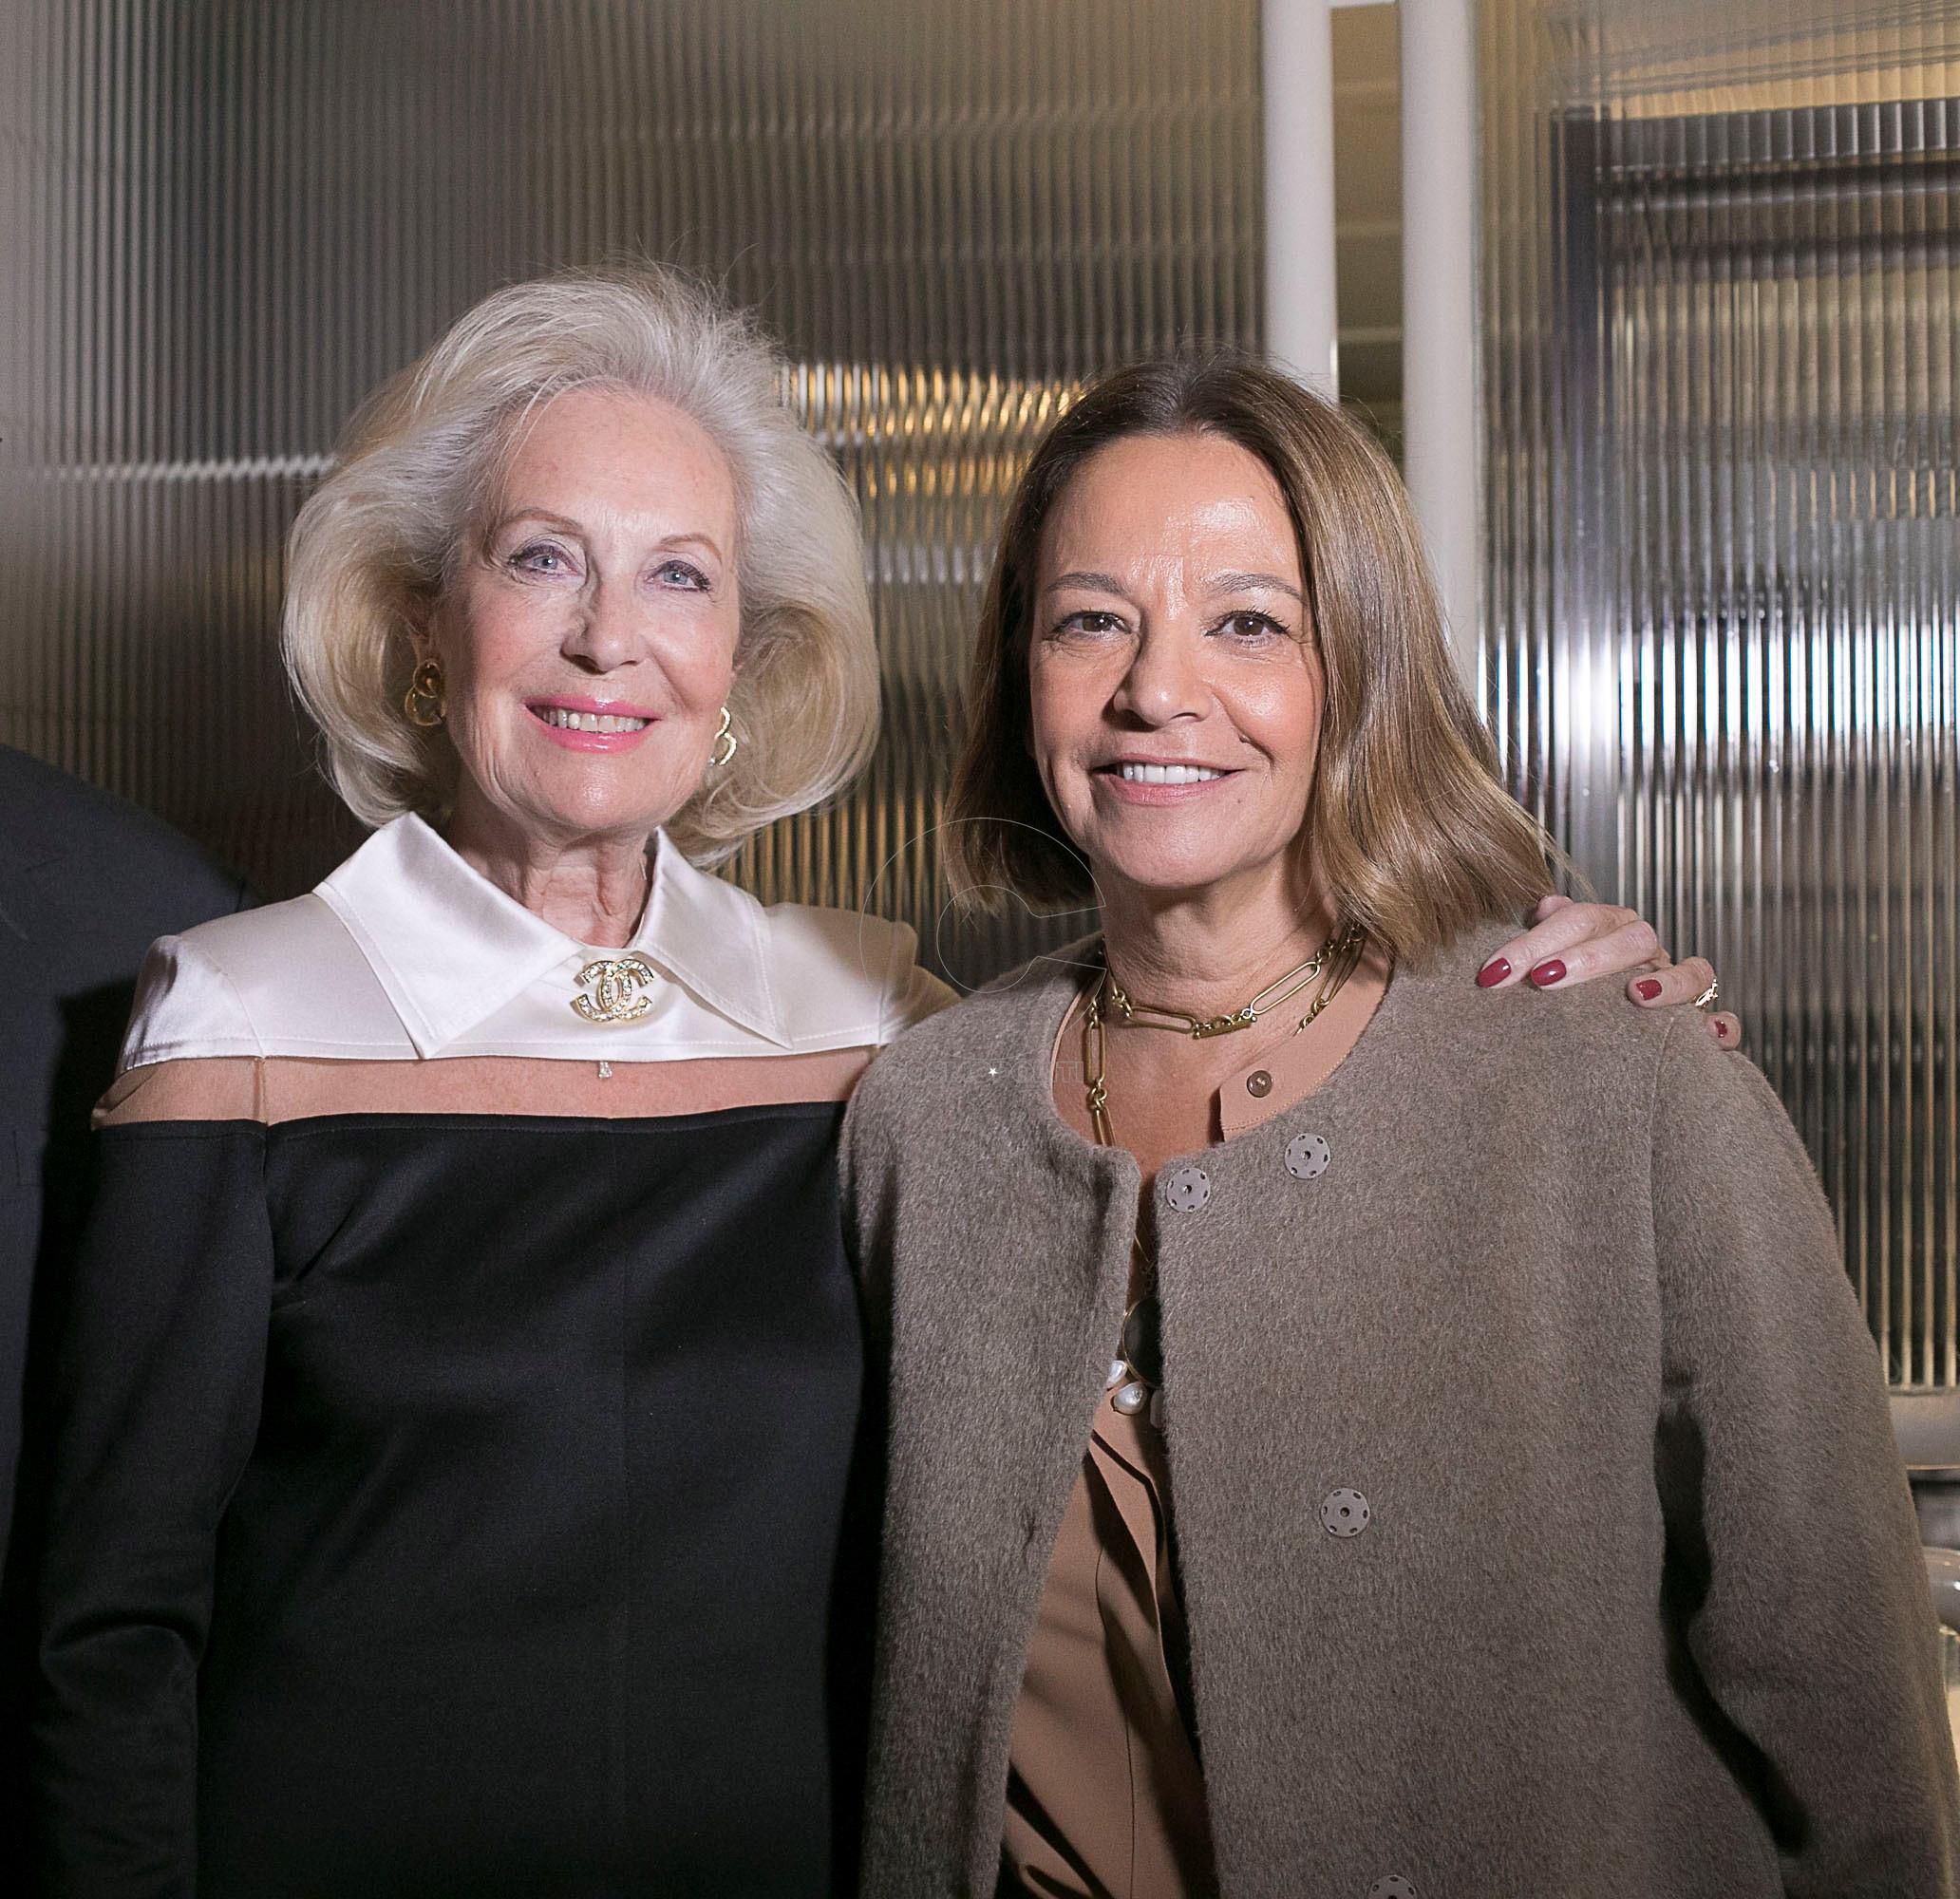 1 Η Ηρώ Τζελέπογλου με την Αντιπρόεδρο της ΑΝΤΗΡΙΔΑΣ Ζωή Ψαρρά Παπαγεωργίου